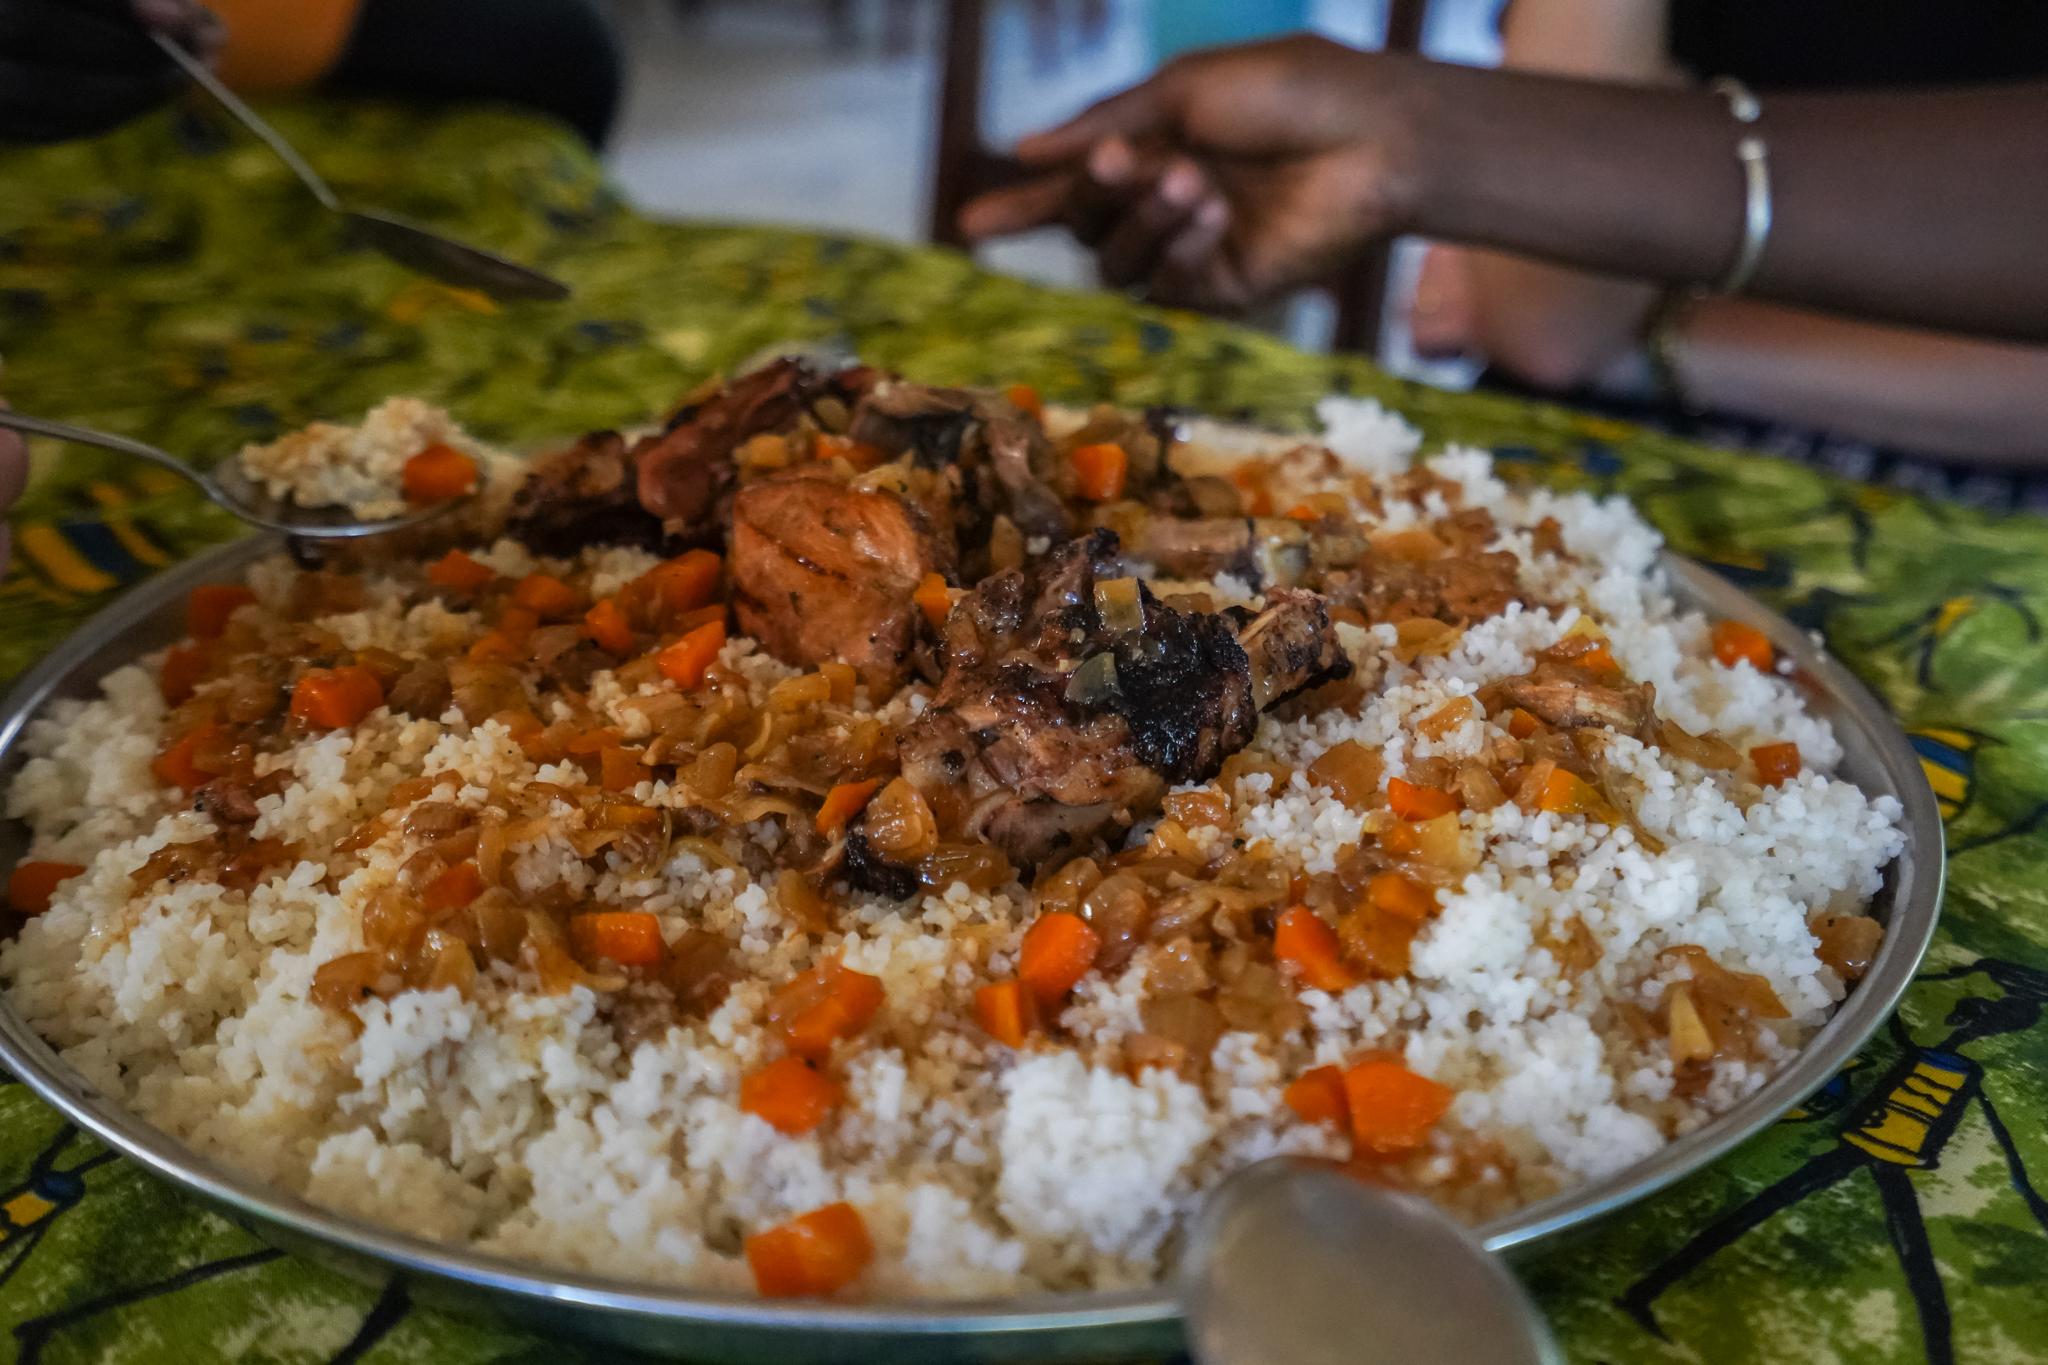 Poulet-yassa-sénégal-manger-voyage-casamance